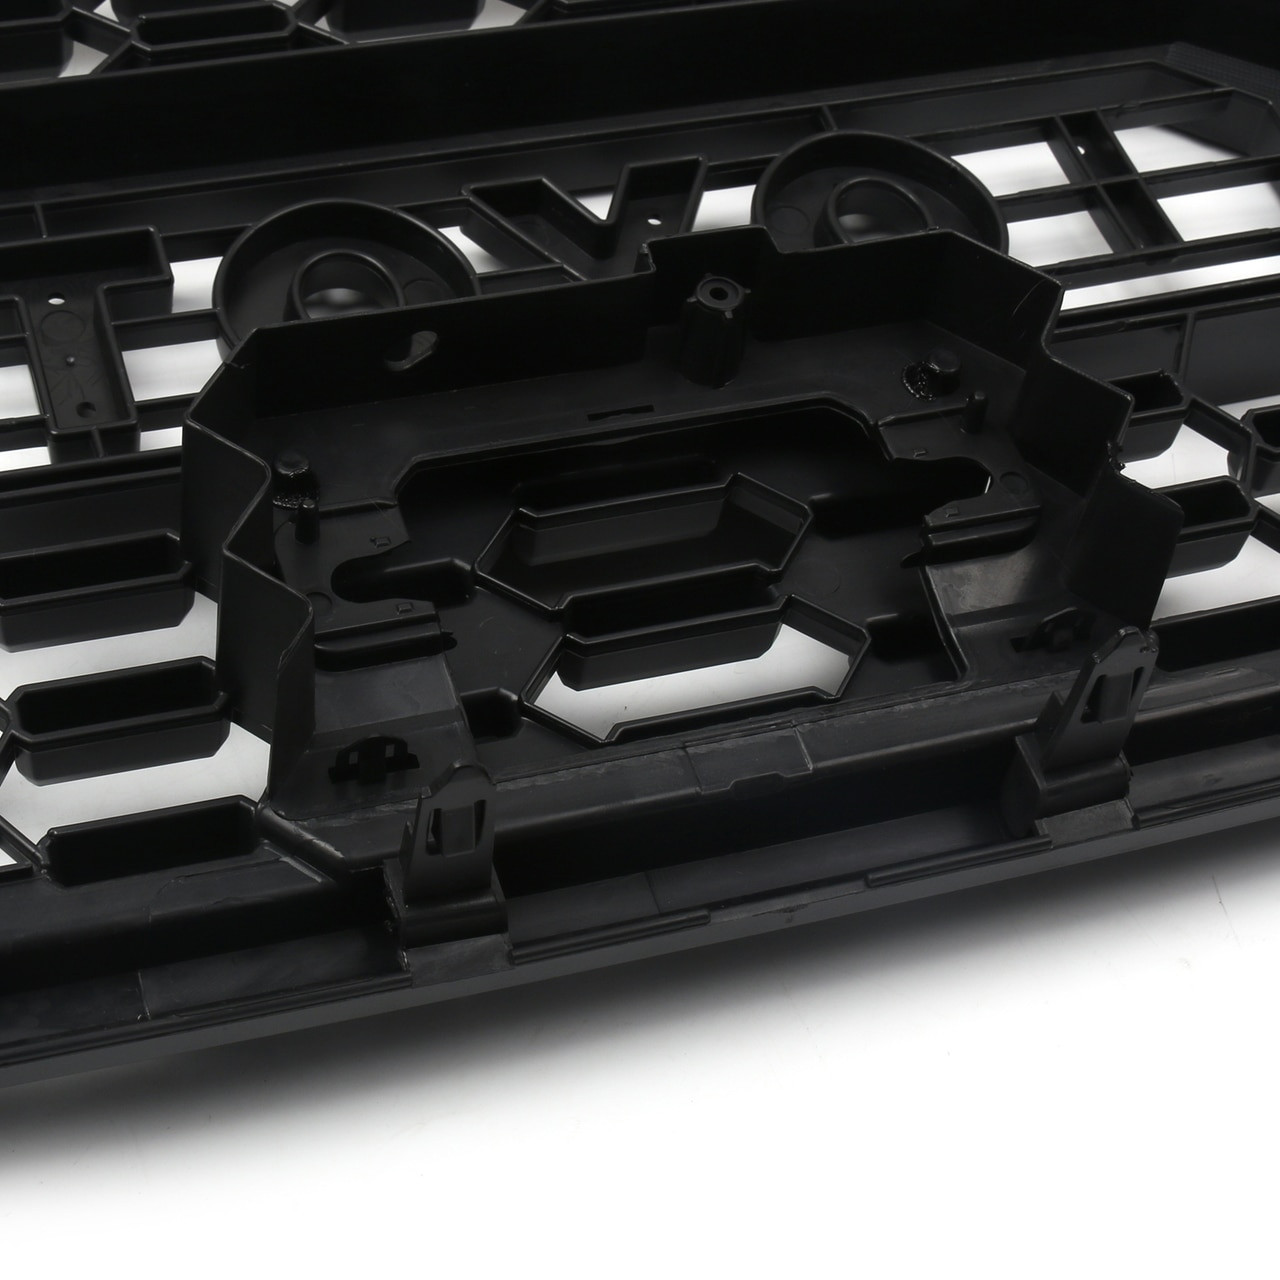 PT228-35170 TRD Pro Grille + LED Lights for Tacoma (2020) Matte Black